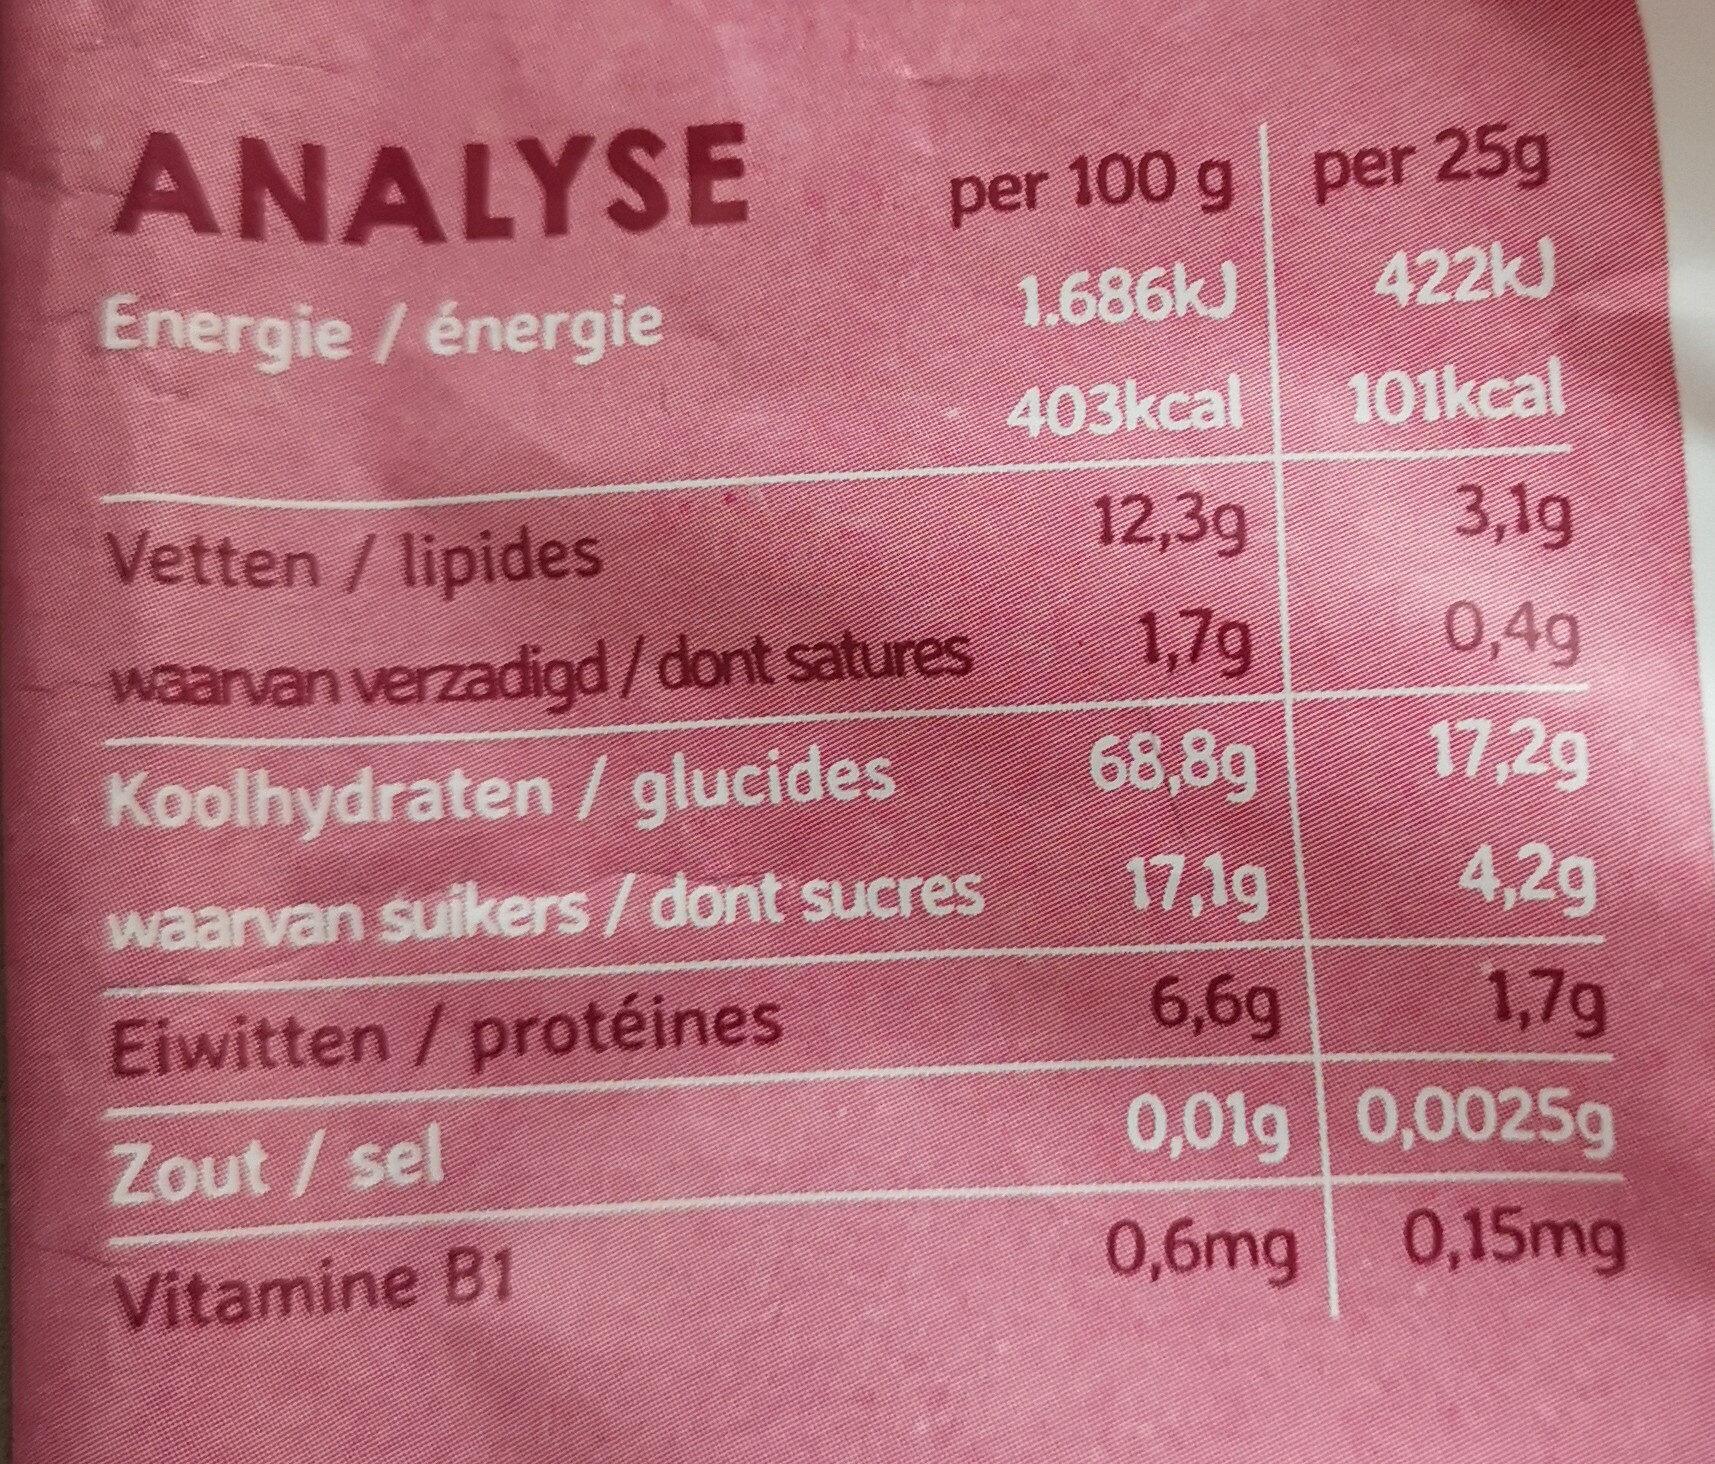 Etoiles aux fraises - Nutrition facts - fr